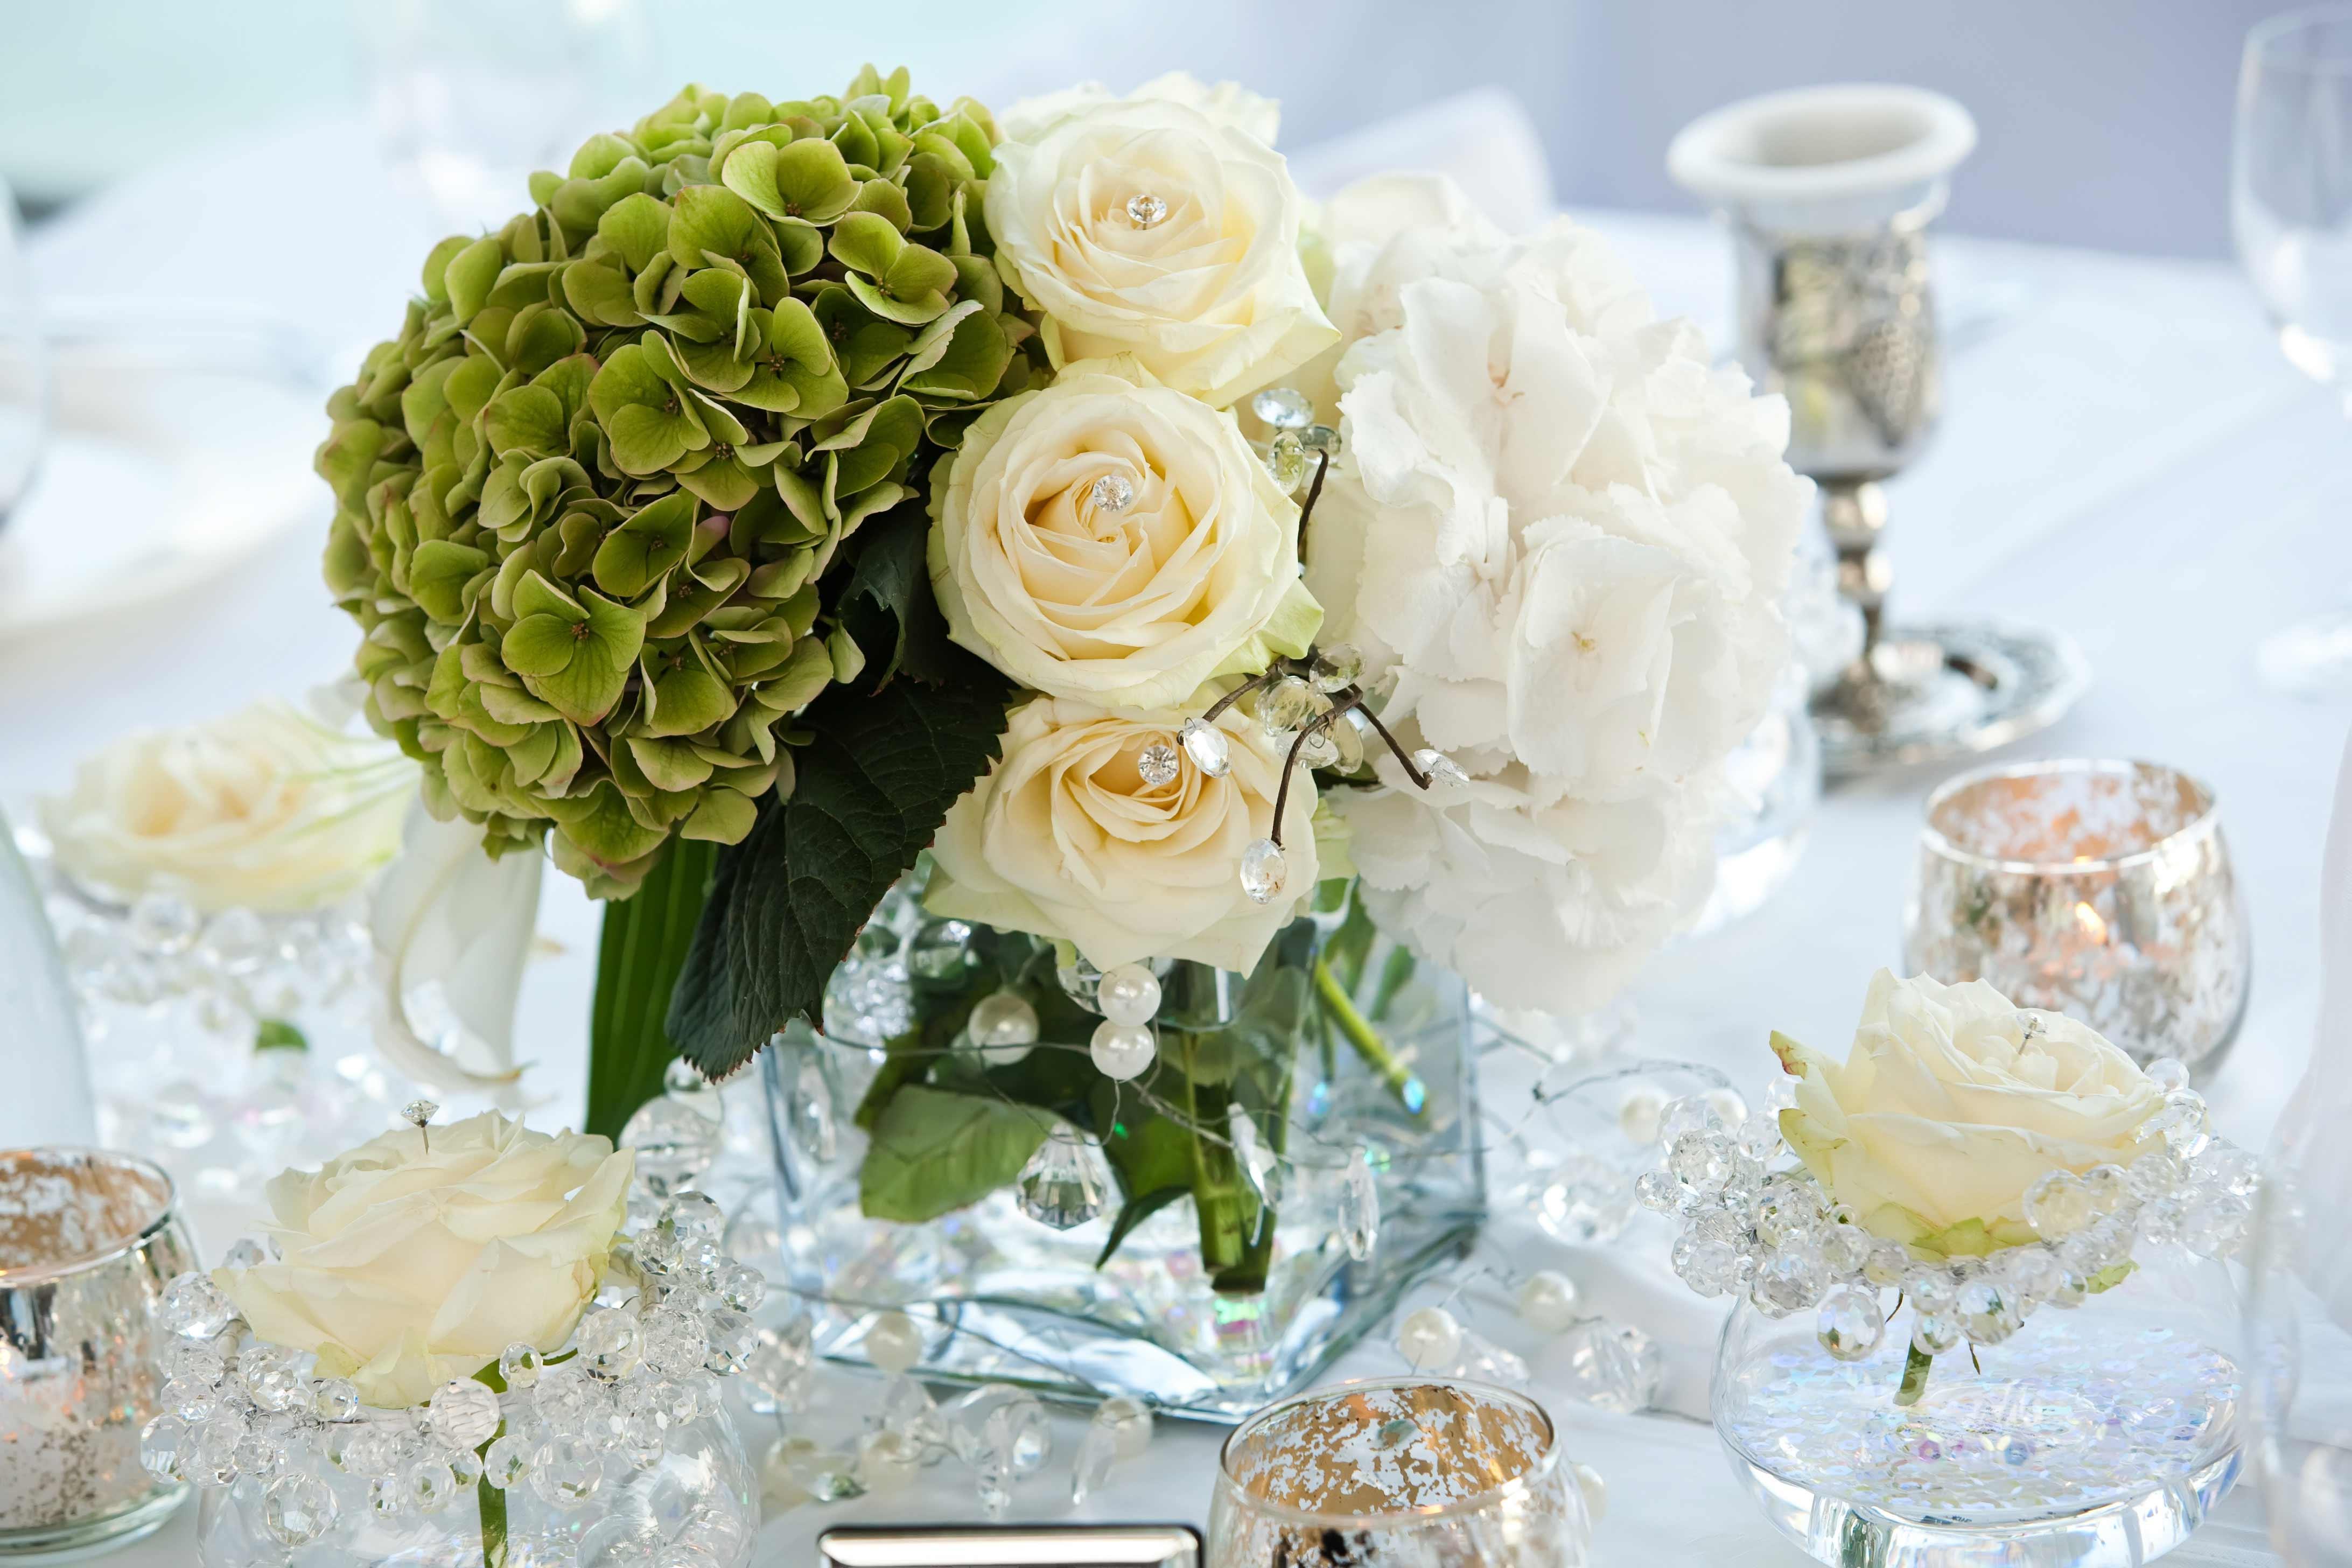 Tischdeko frühlingsblumen hochzeit  Blumen zur Hochzeit | Tipps, Ideen & Beispiele